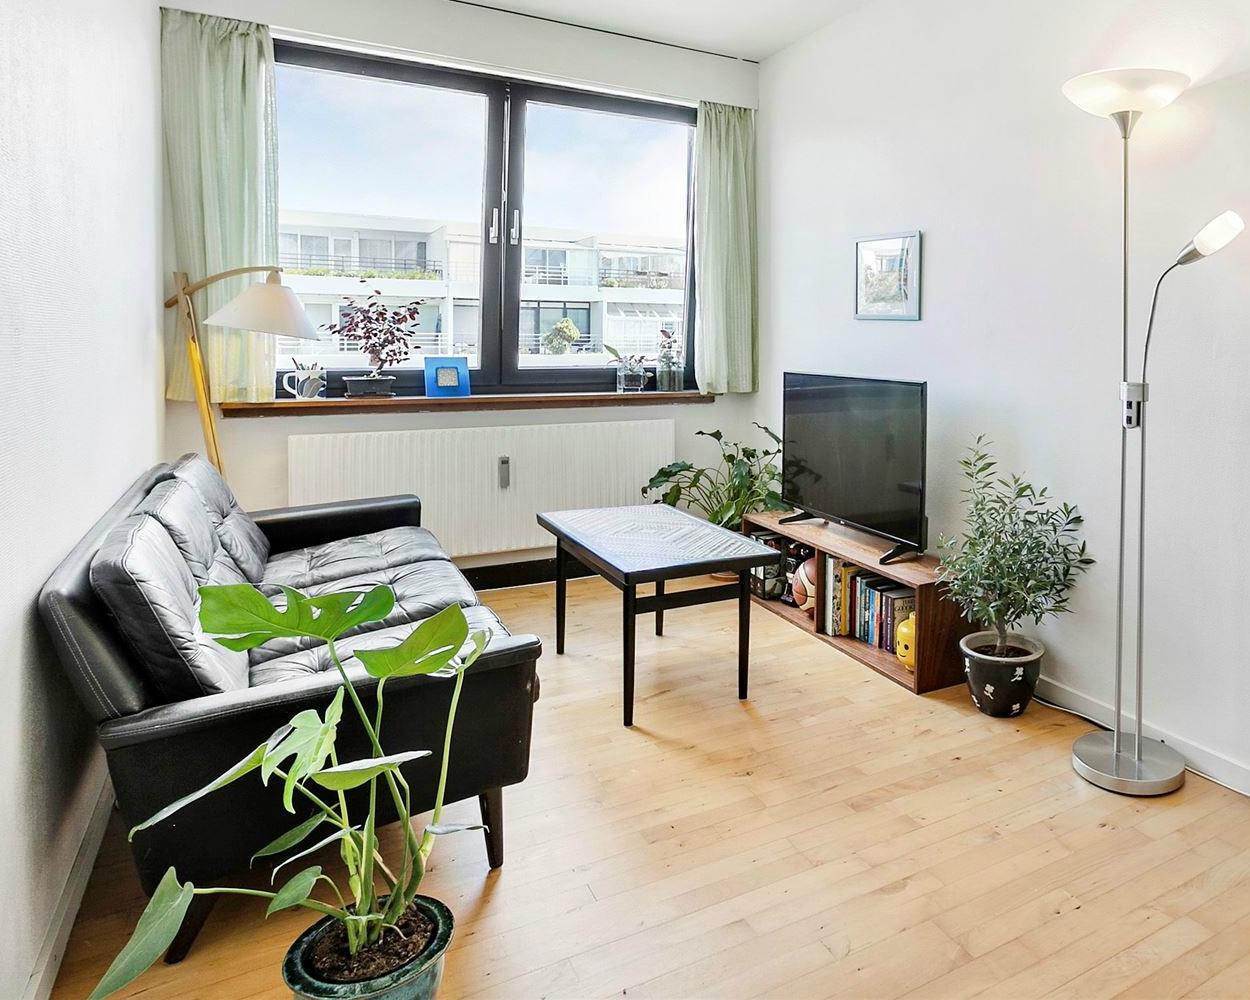 Frem med planterne når boligen skal sælges!